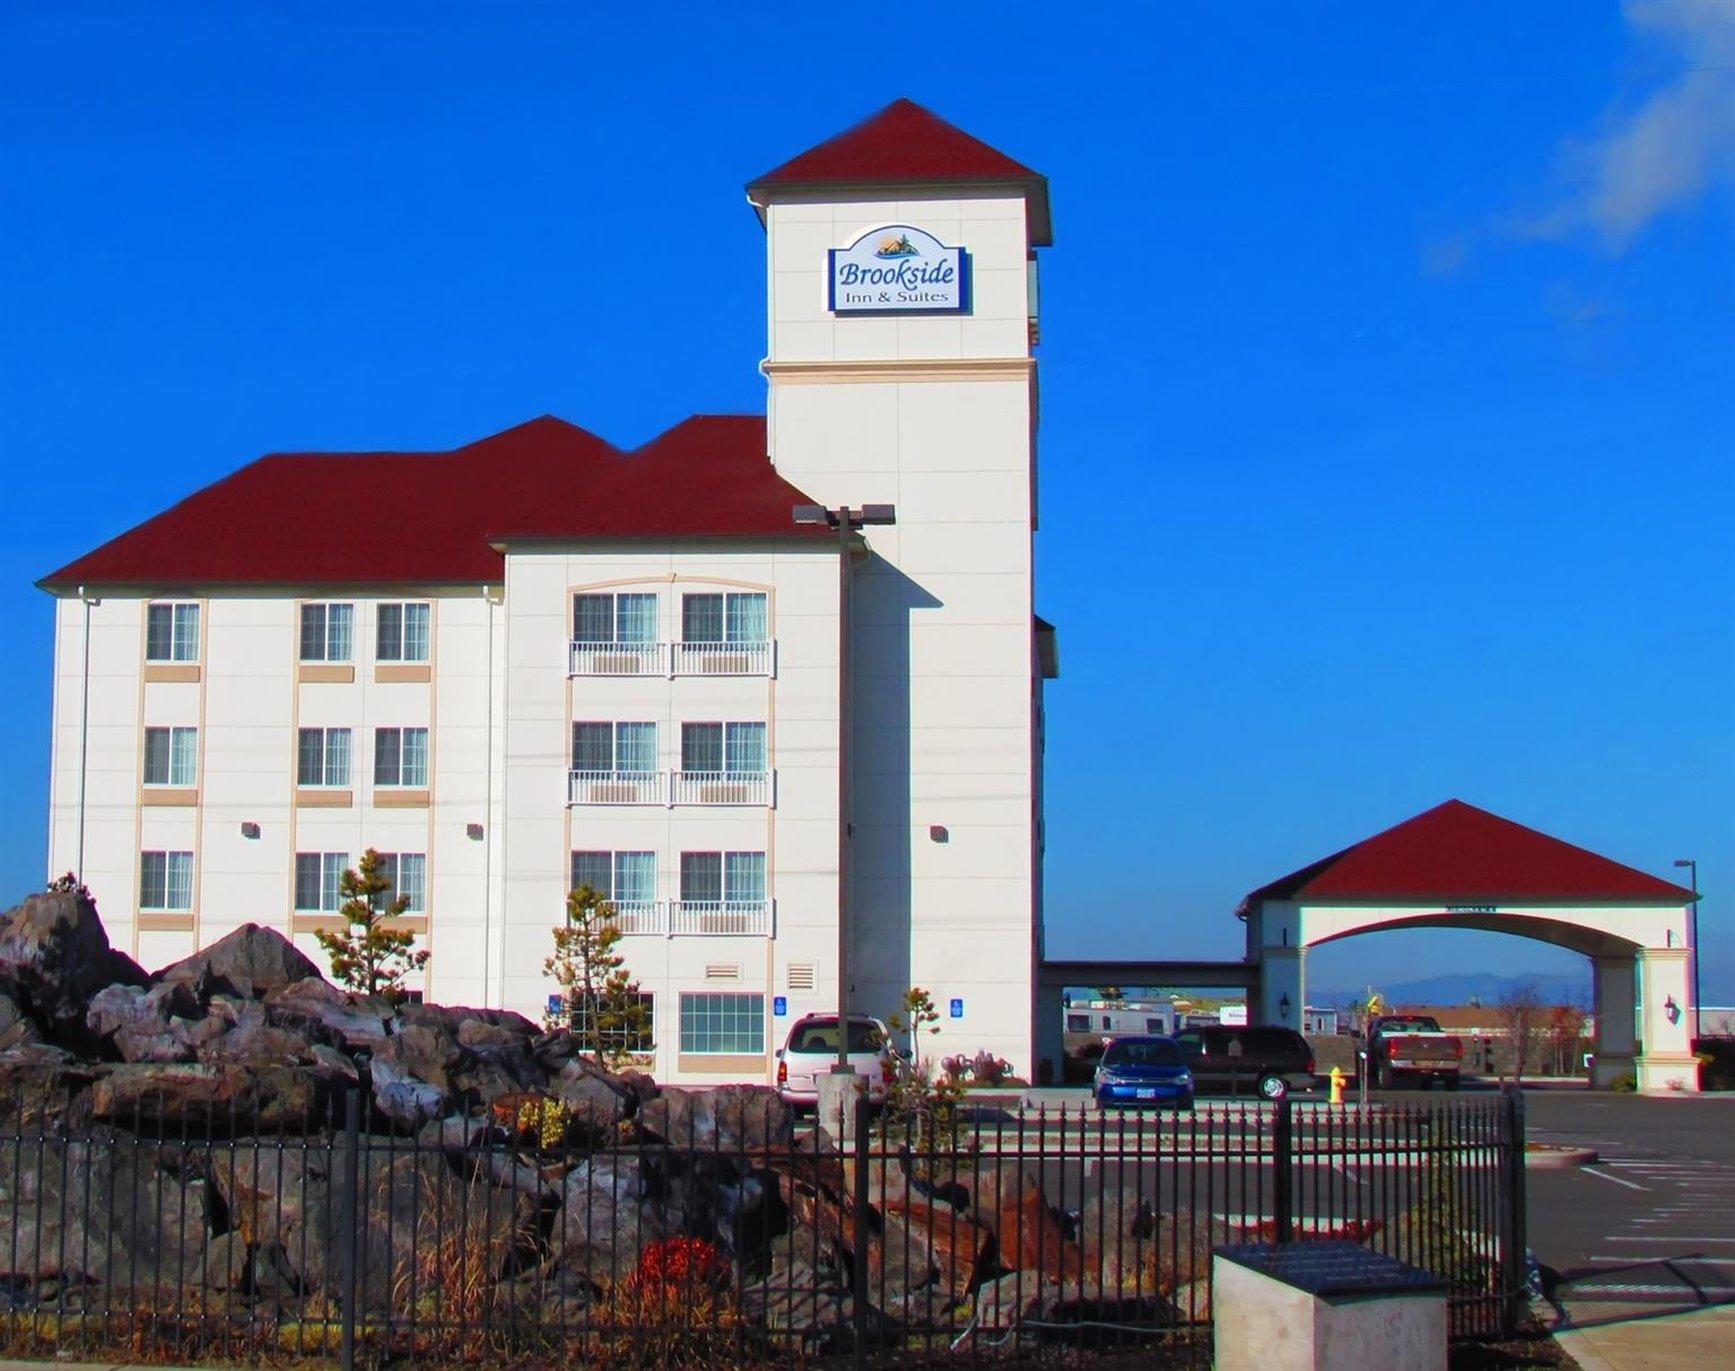 Brookside Inn & Suites